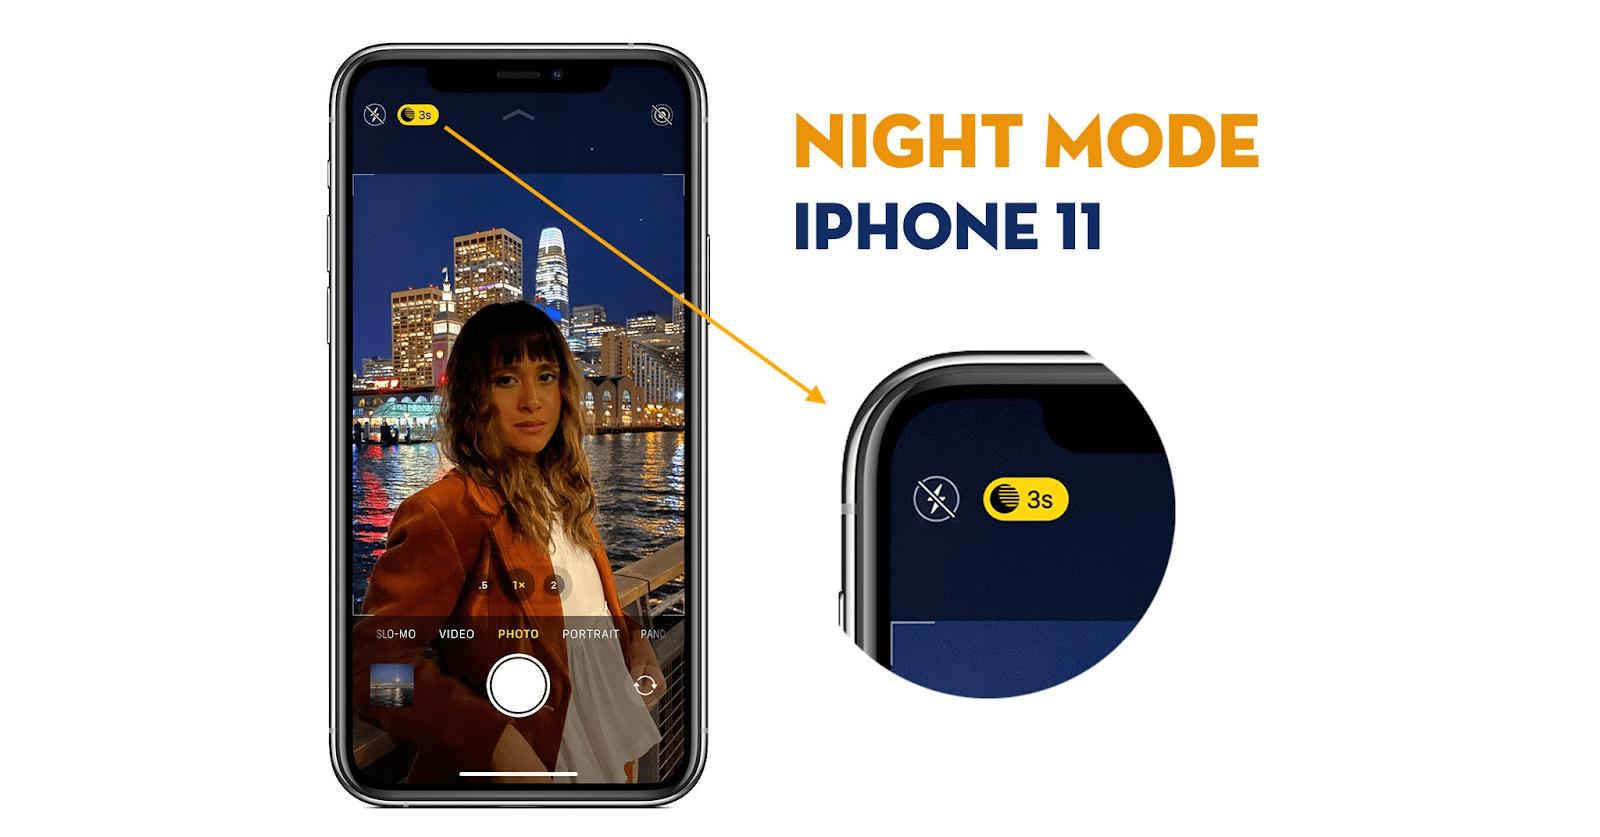 Chế độ ban đêm không làm giảm chất lượng ảnh chụp